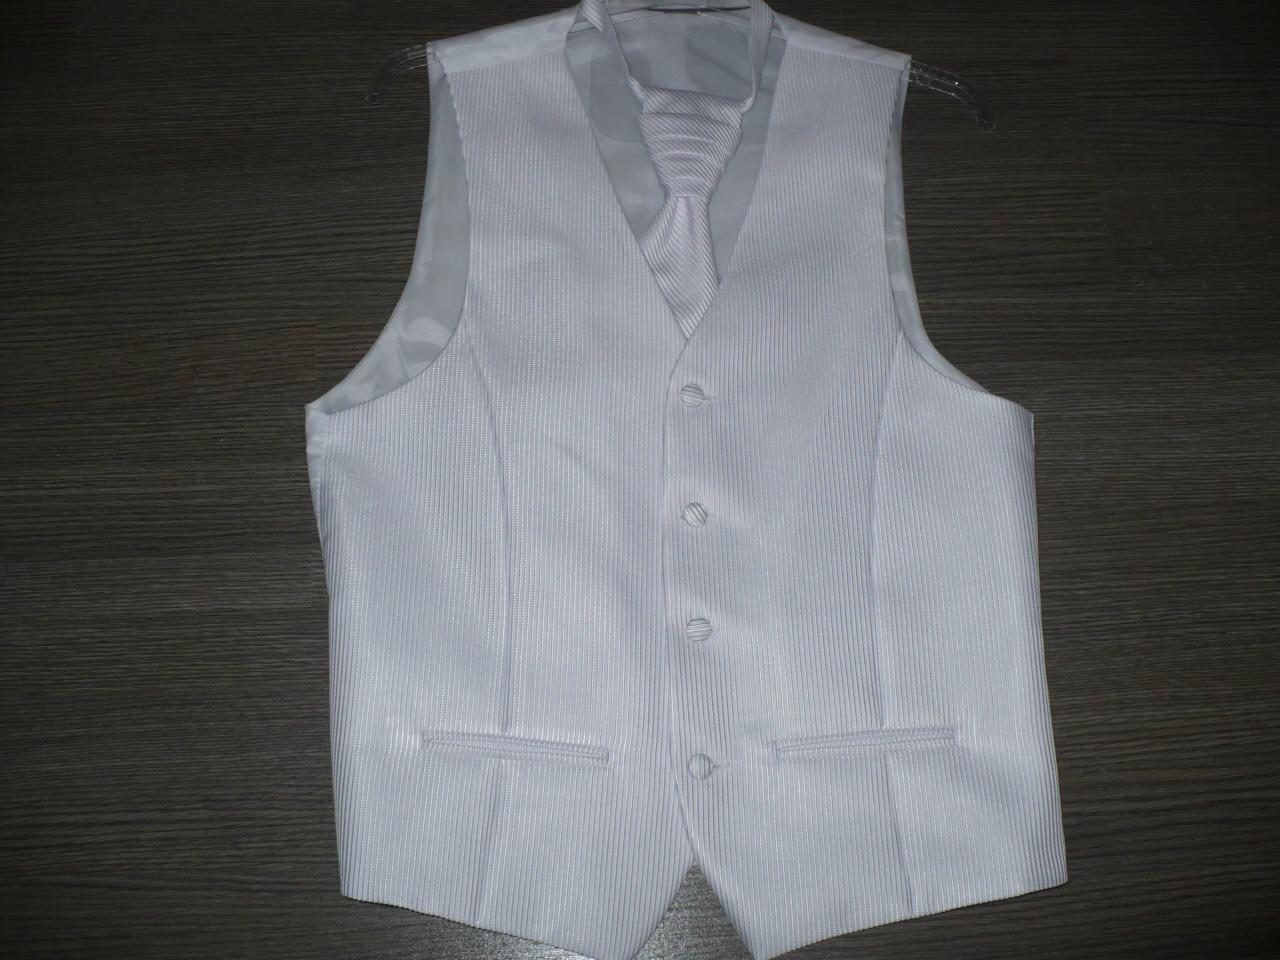 Pánska vesta s francúzskou kravatou - Obrázok č. 4